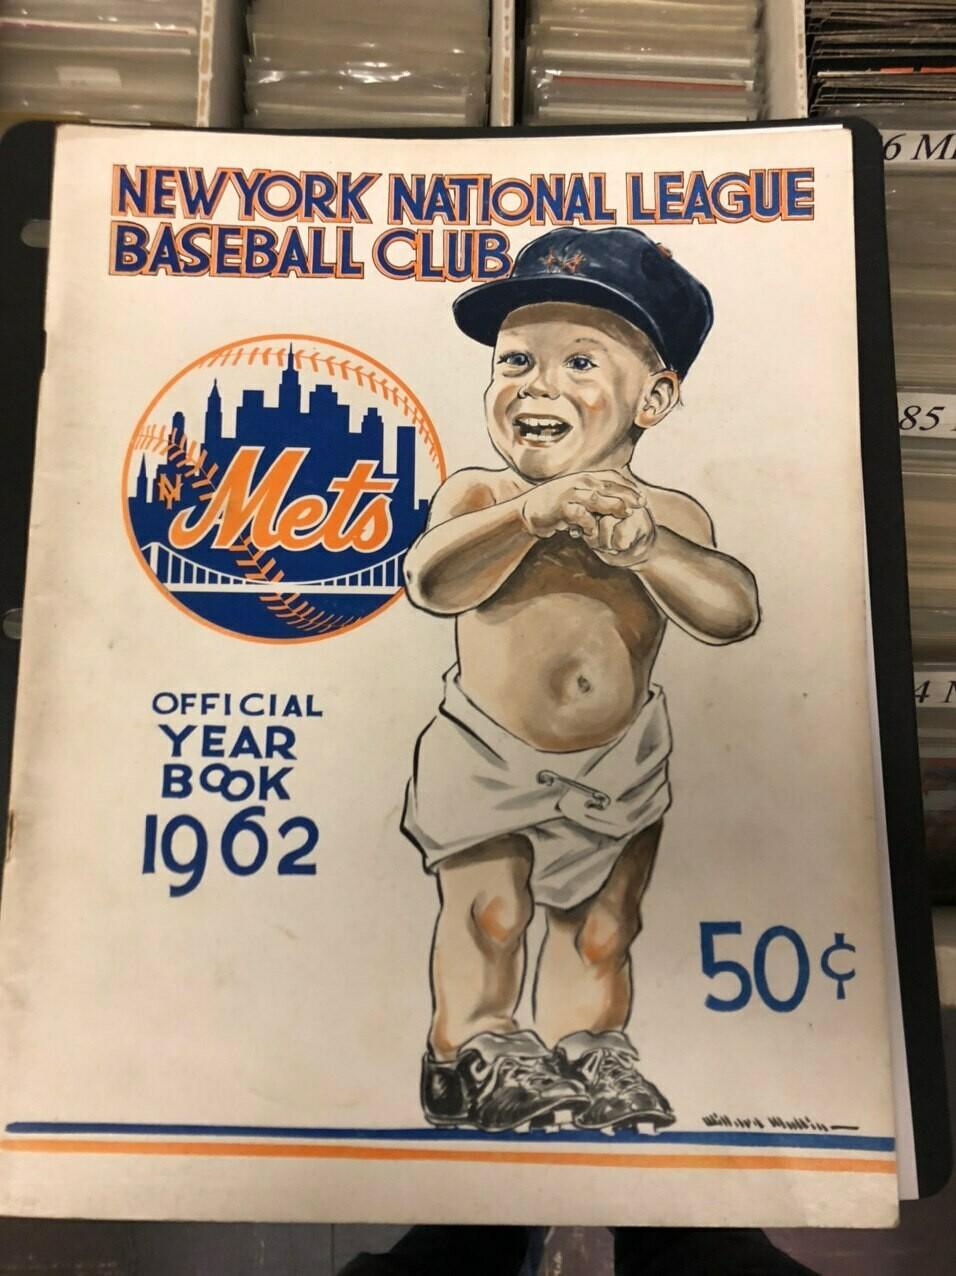 1962 NY Mets Inaugural 1st season Yearbook